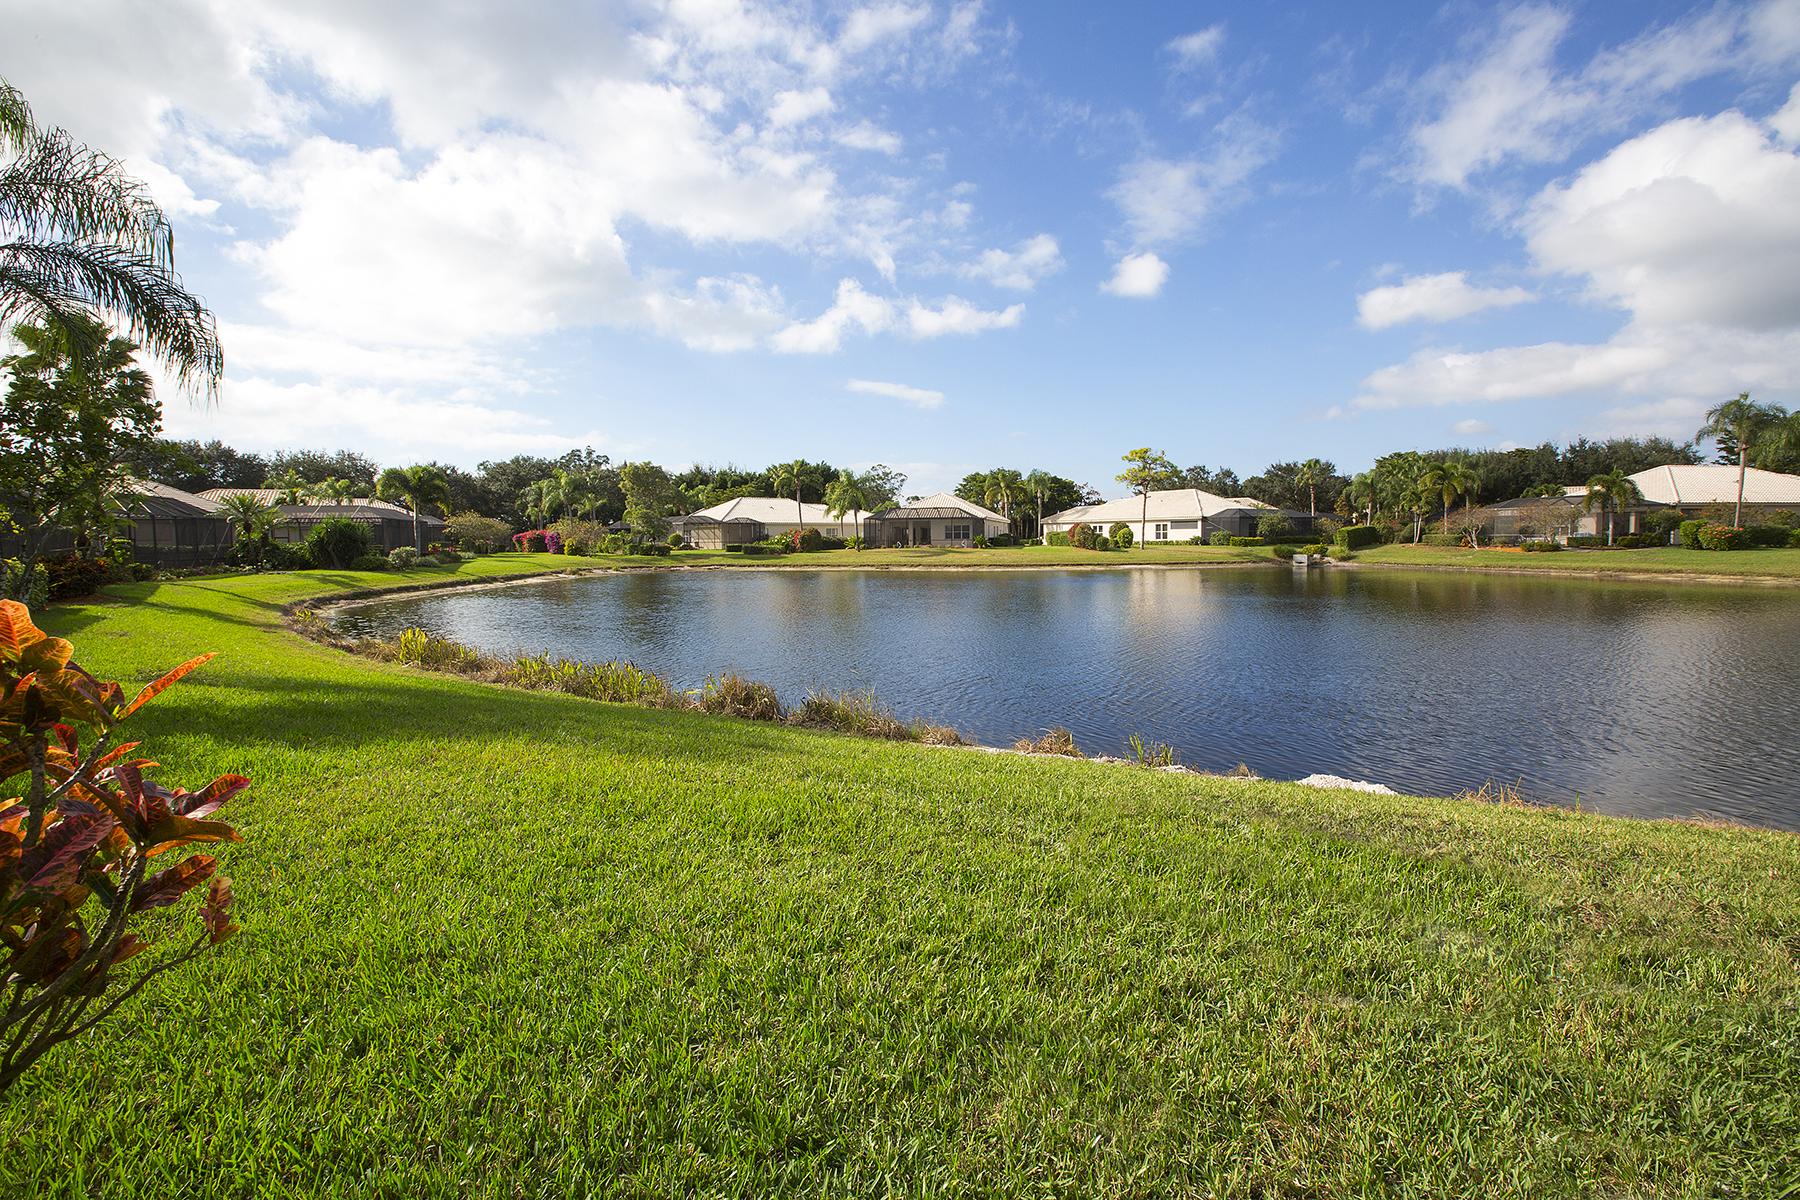 Tek Ailelik Ev için Satış at PELICAN LANDING - CAPRI 24792 Hollybrier Ln Bonita Springs, Florida, 34134 Amerika Birleşik Devletleri